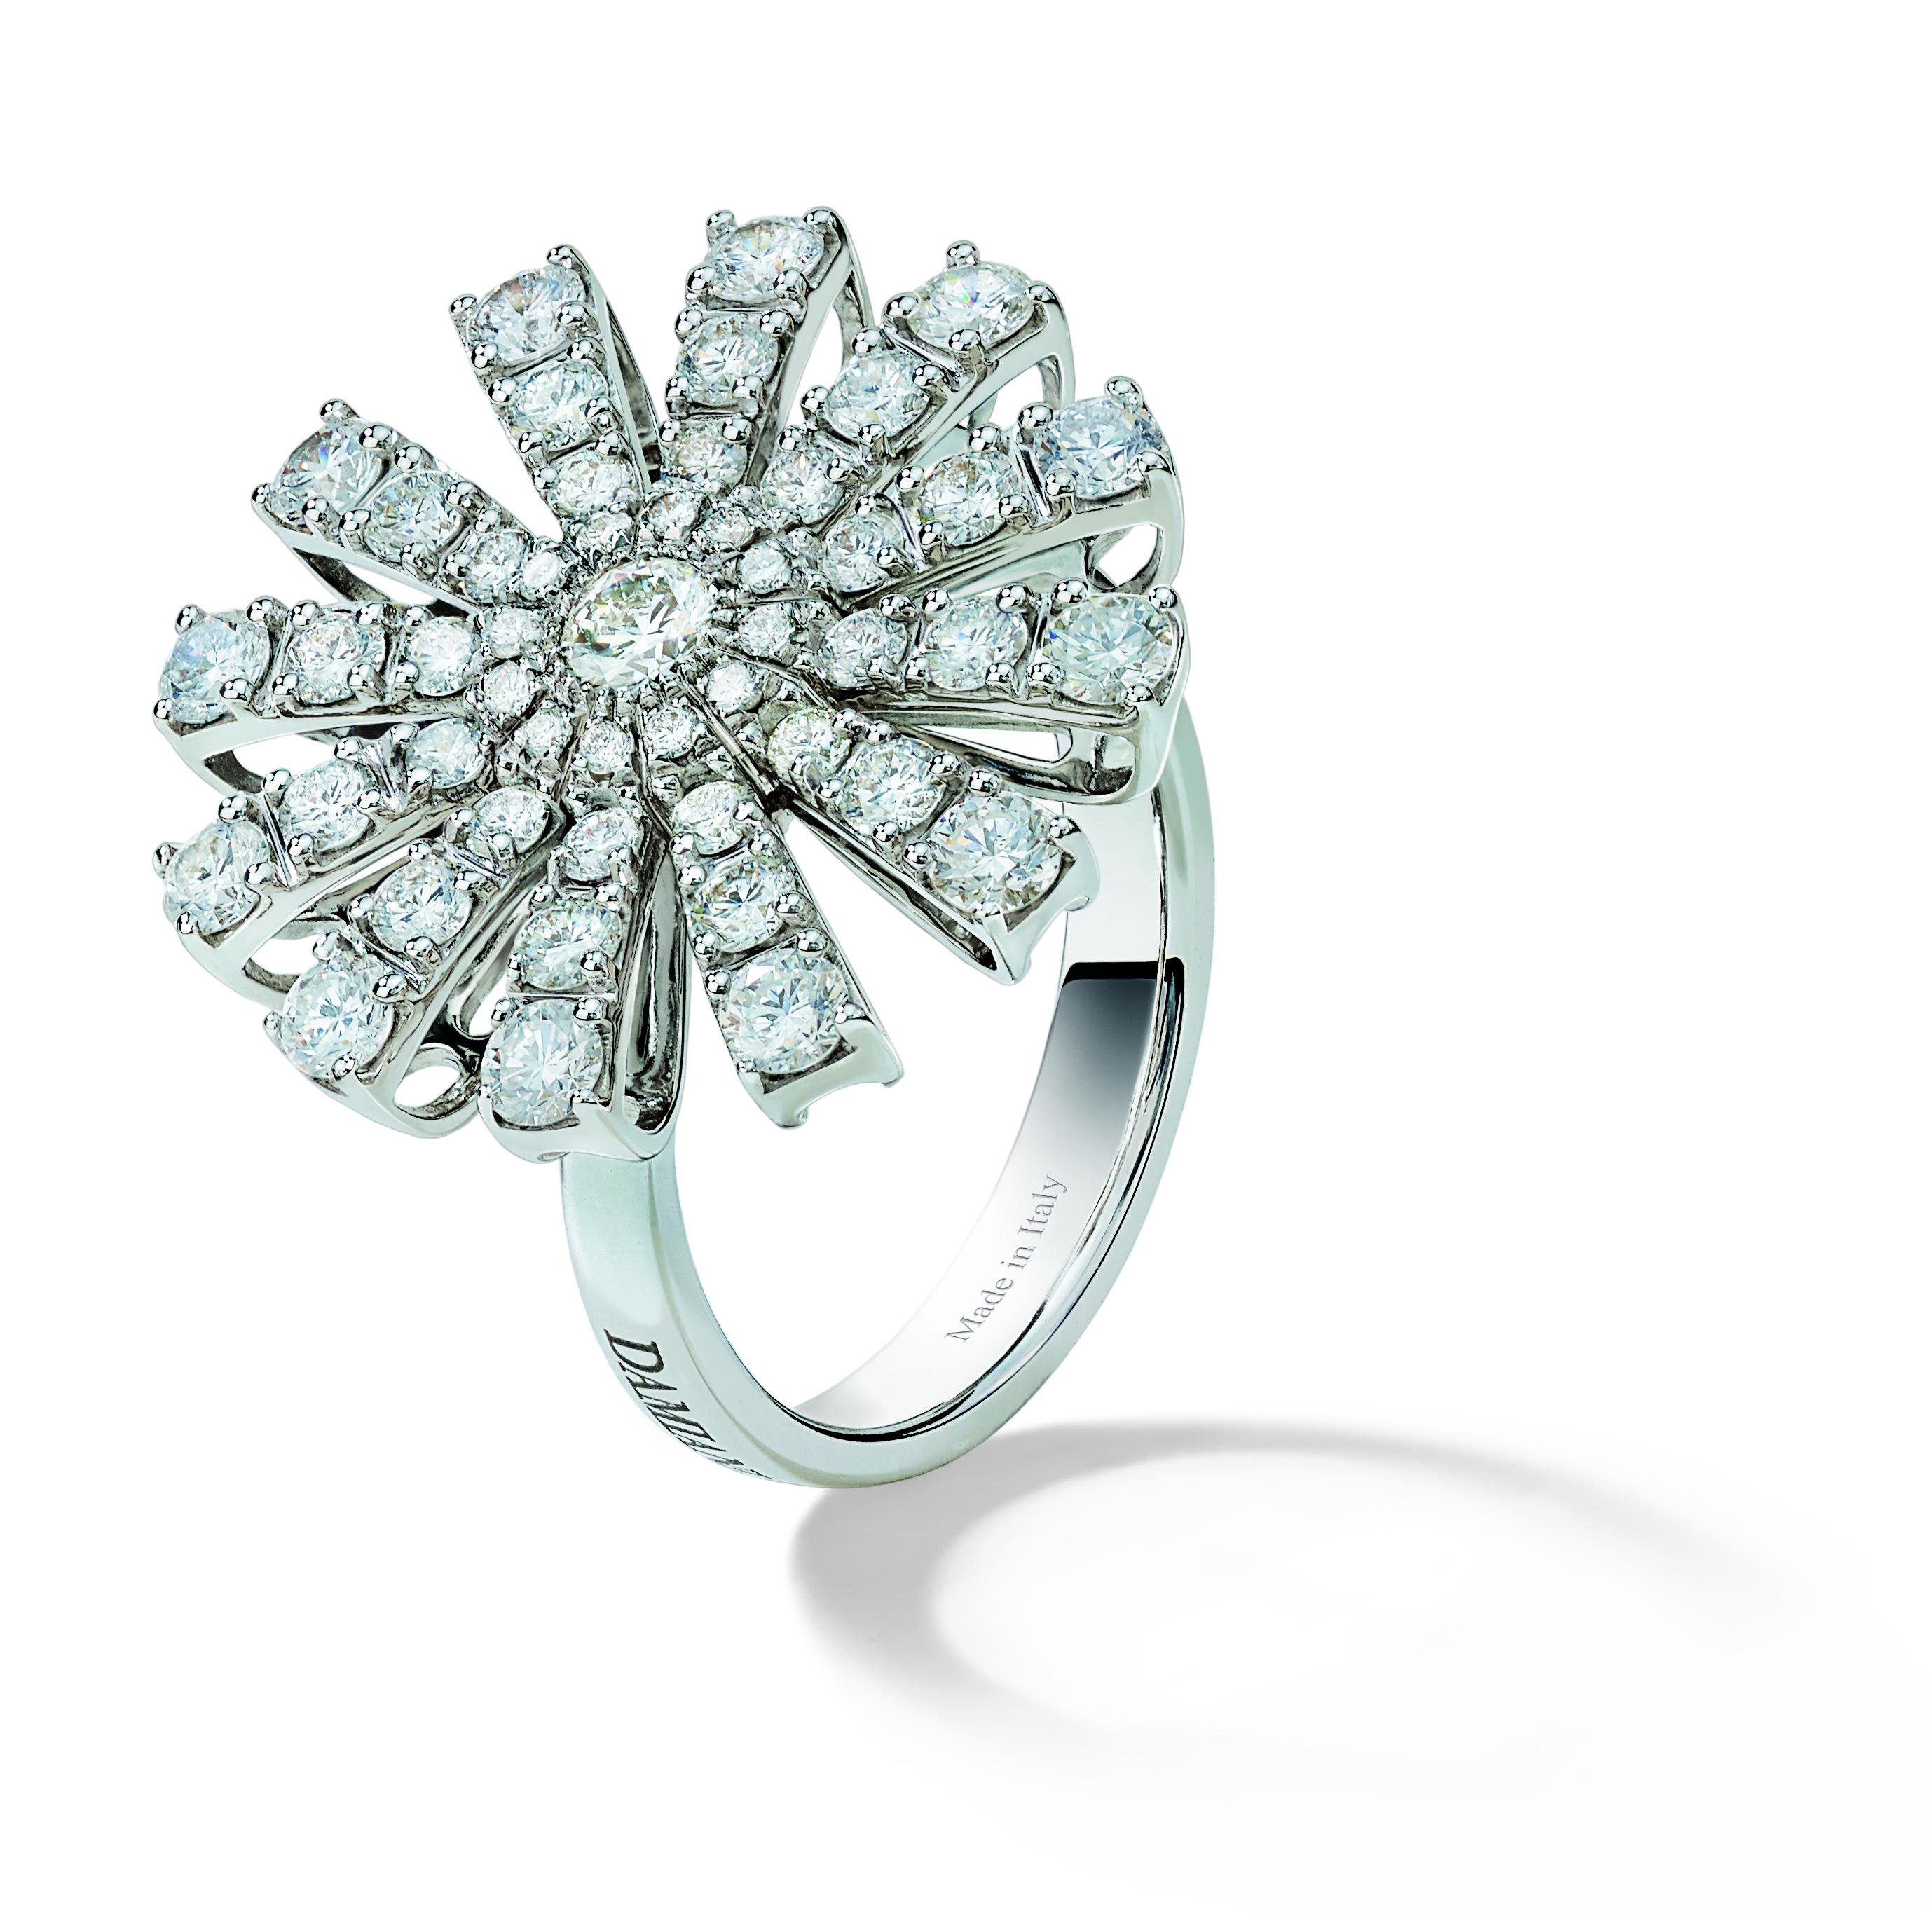 Anello Collezione Margherita in oro bianco e diamanti